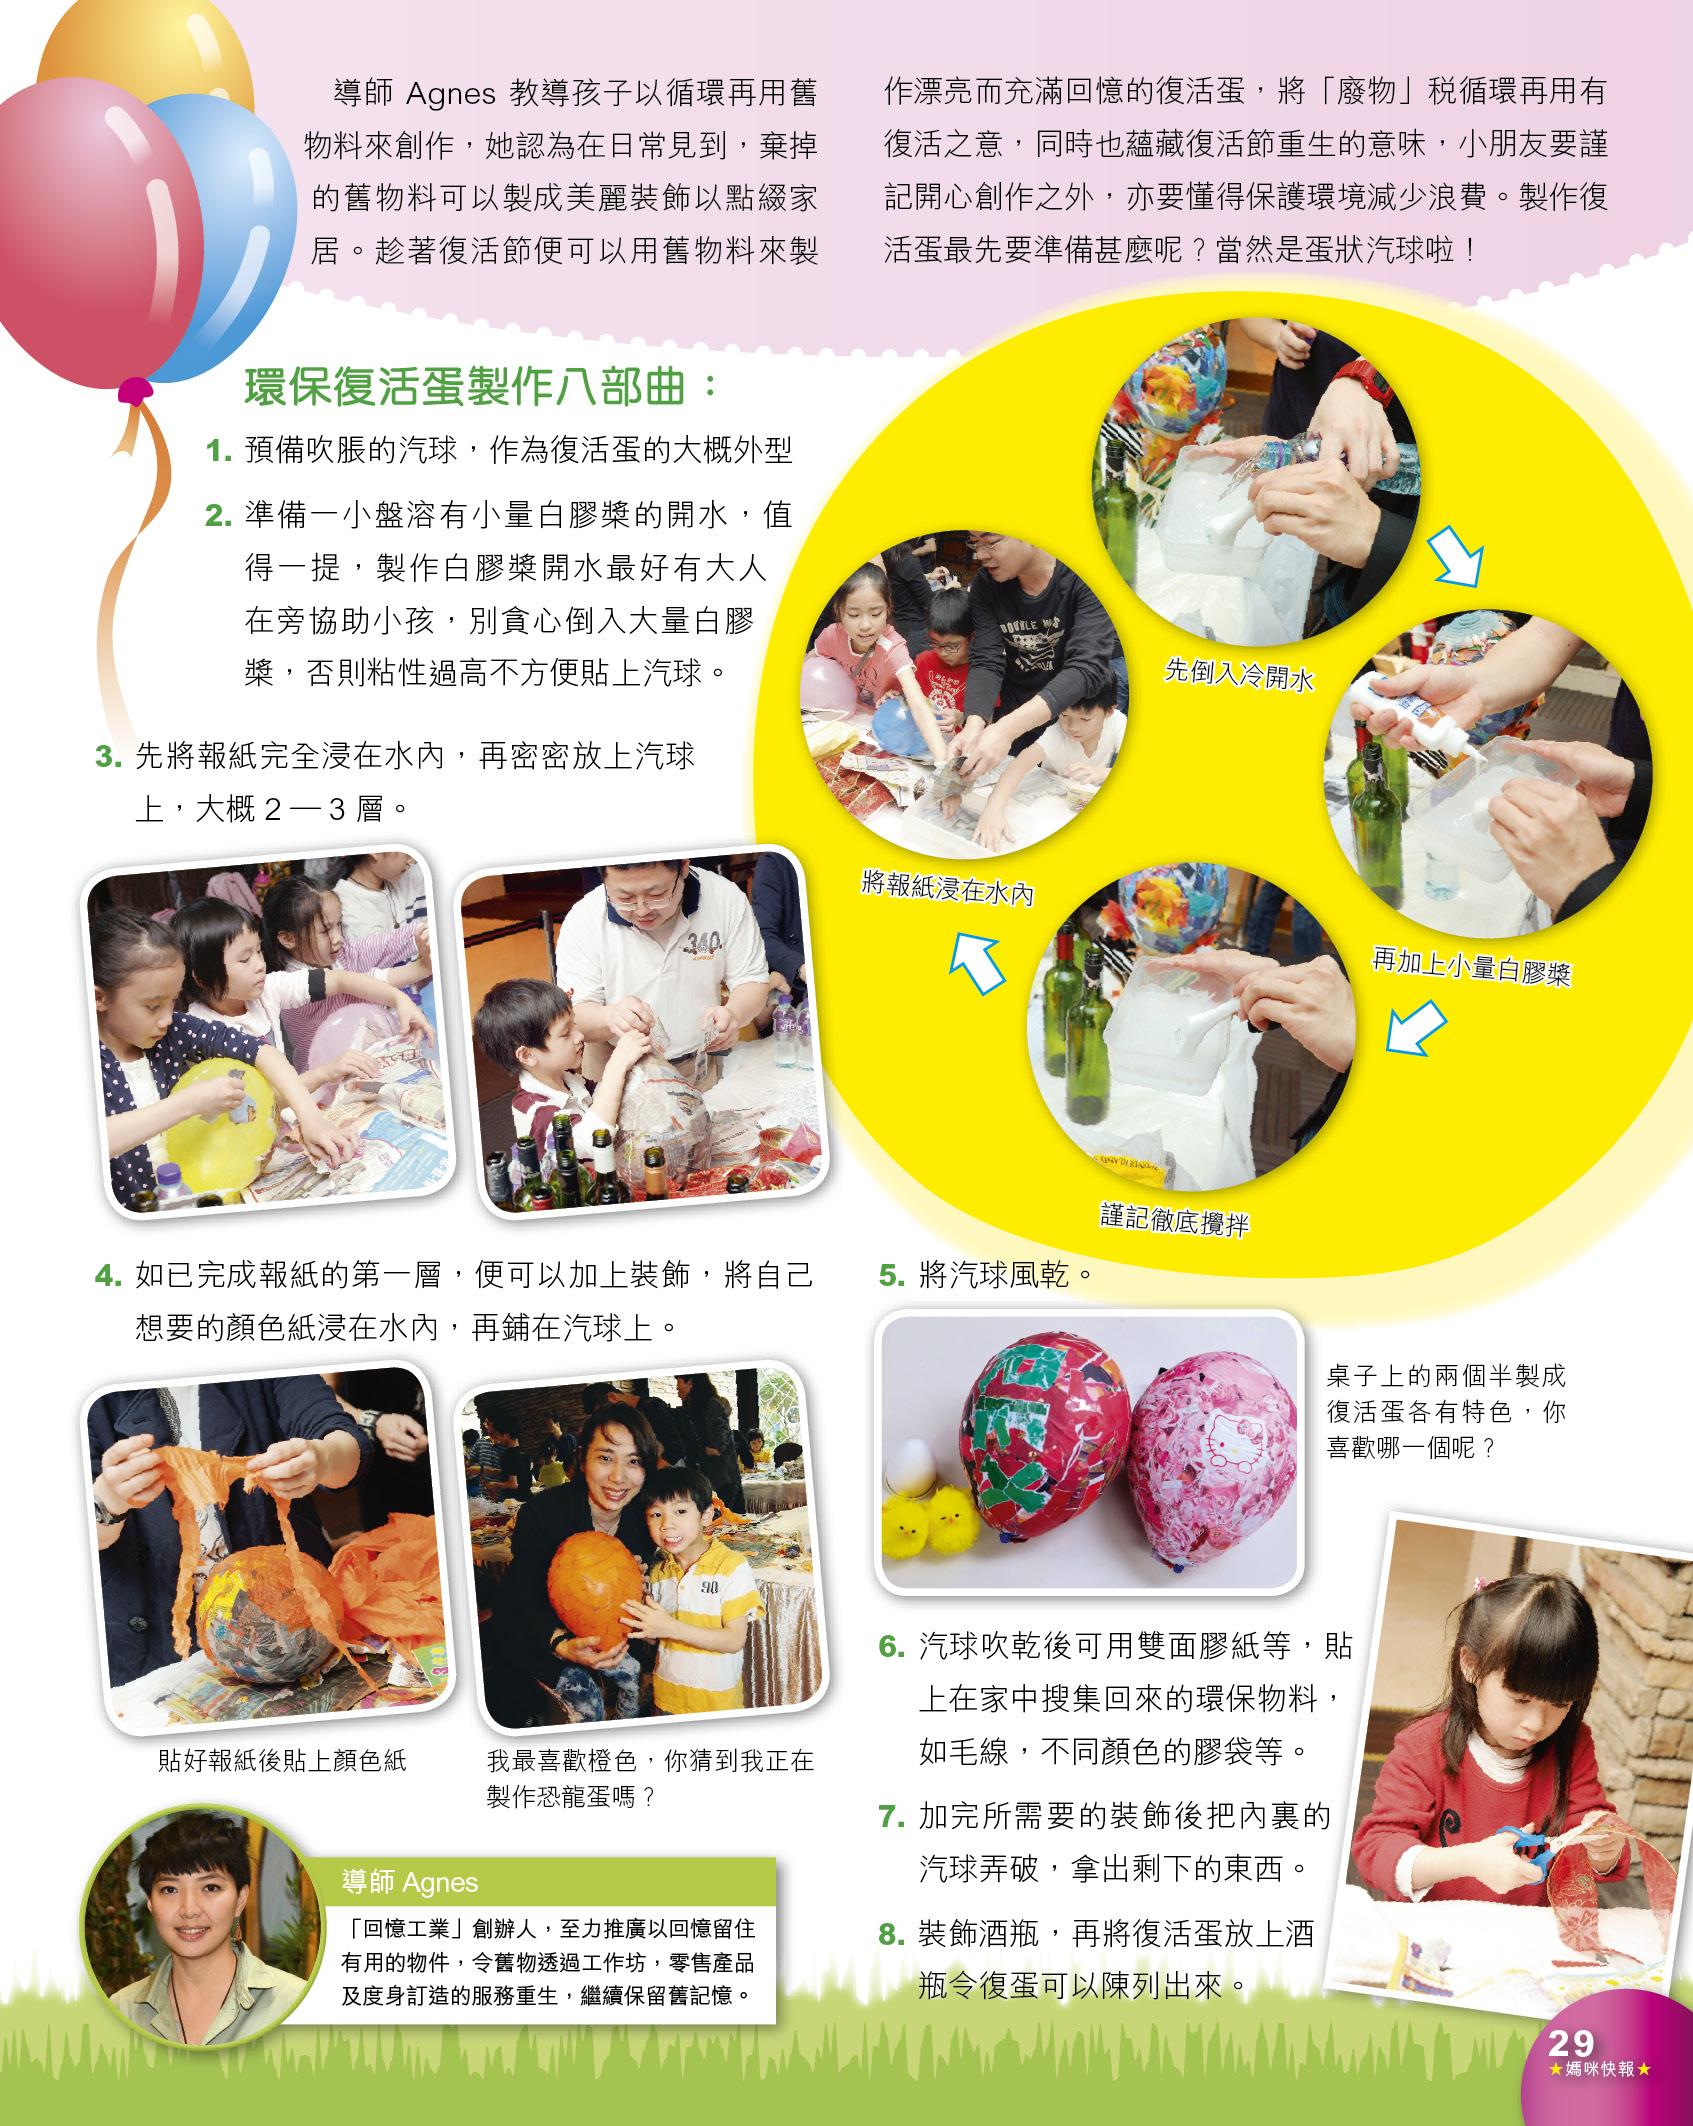 兒童快報 wkw993